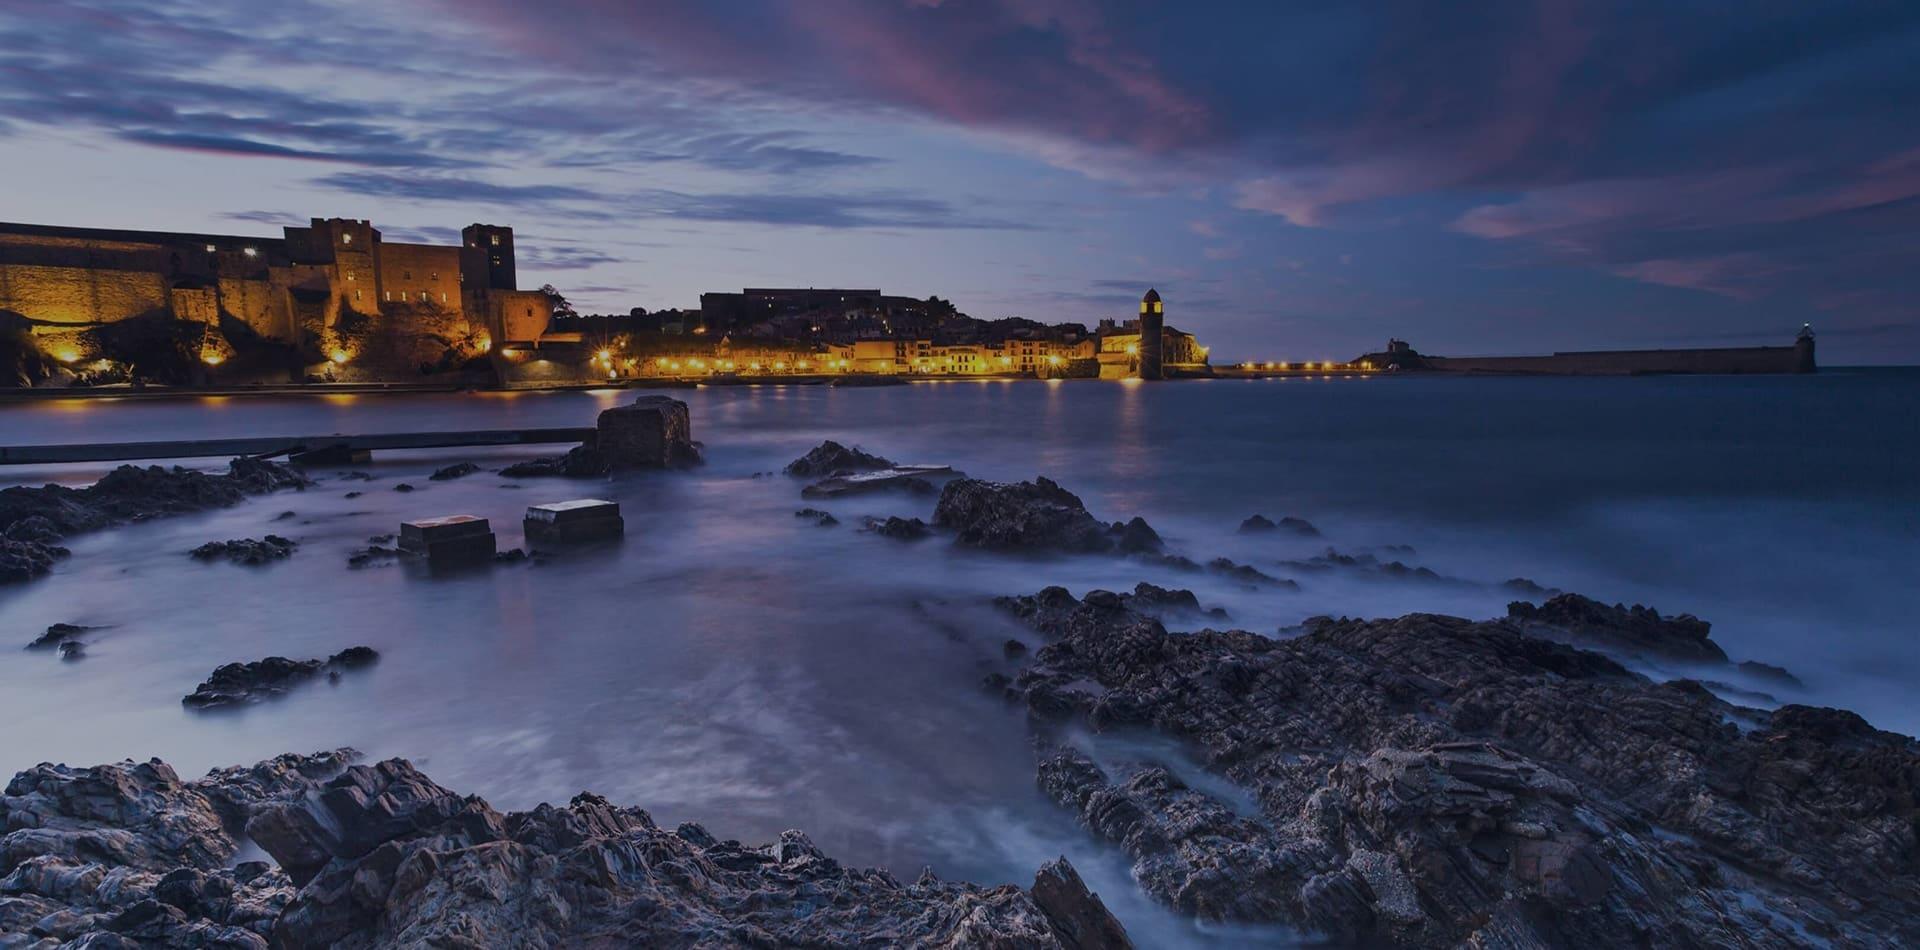 organisation de séminaires pour les entreprises dans le sud de la France par l'Agence PMD